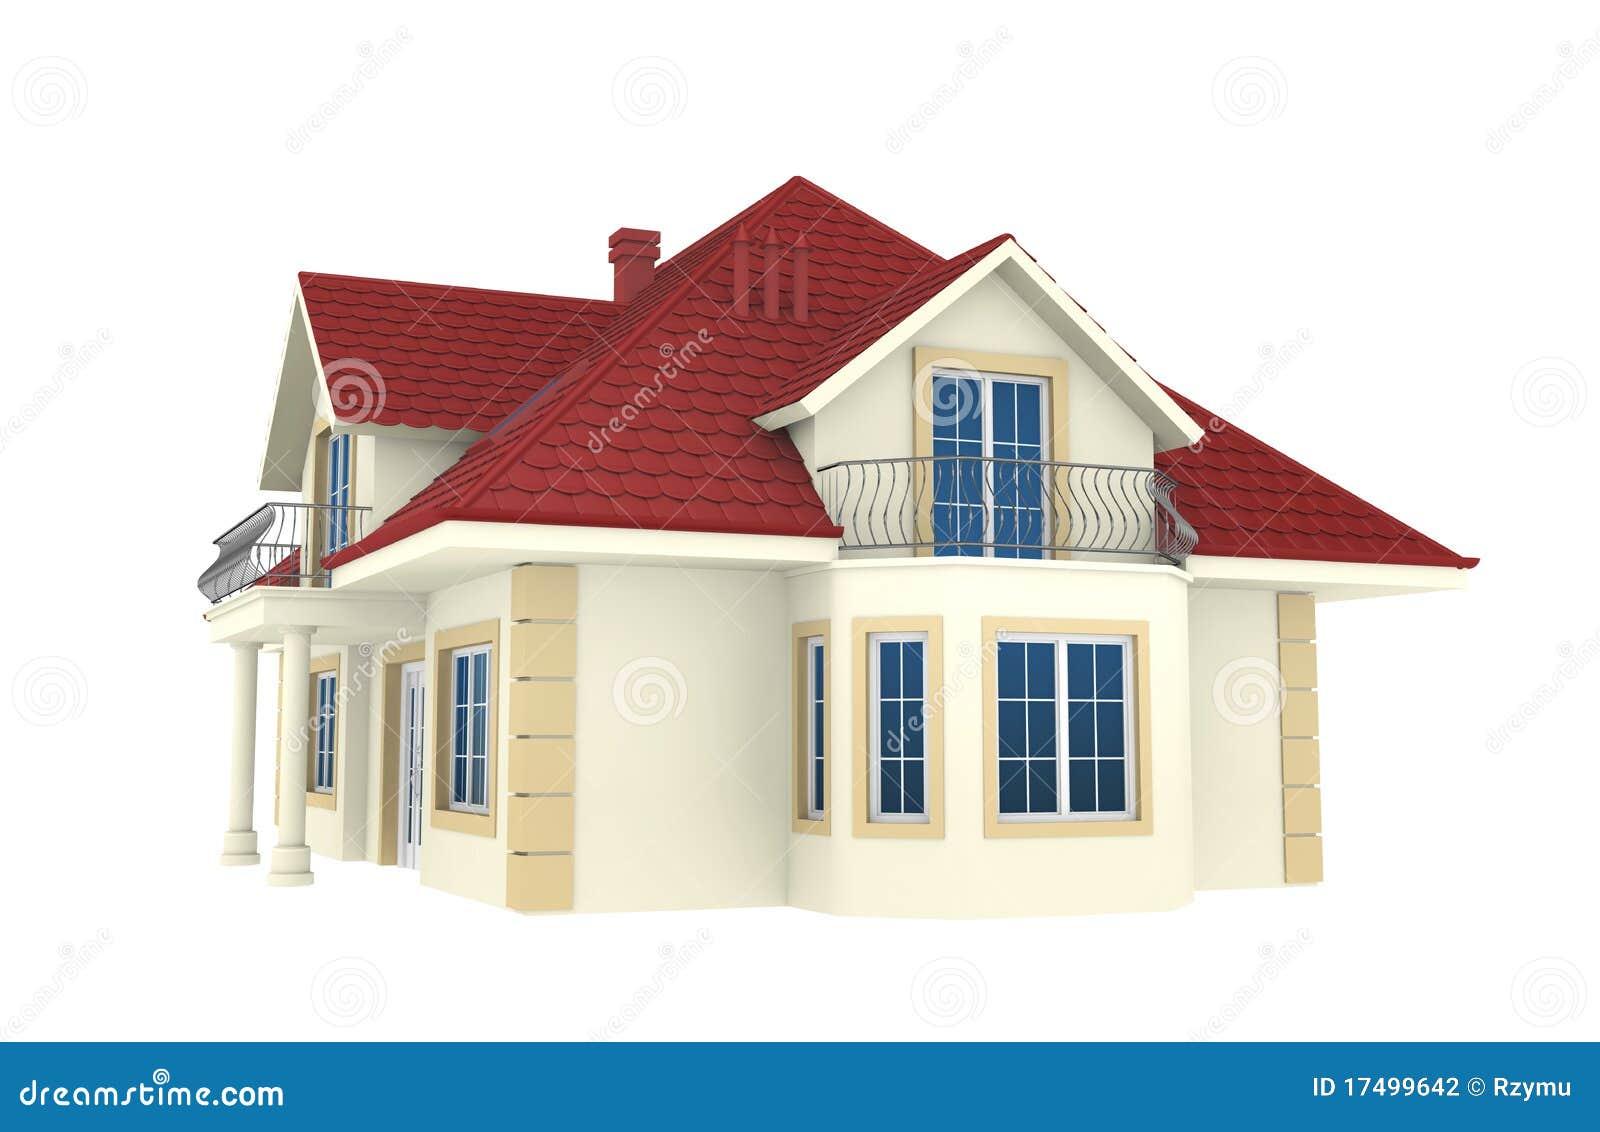 Small villa design